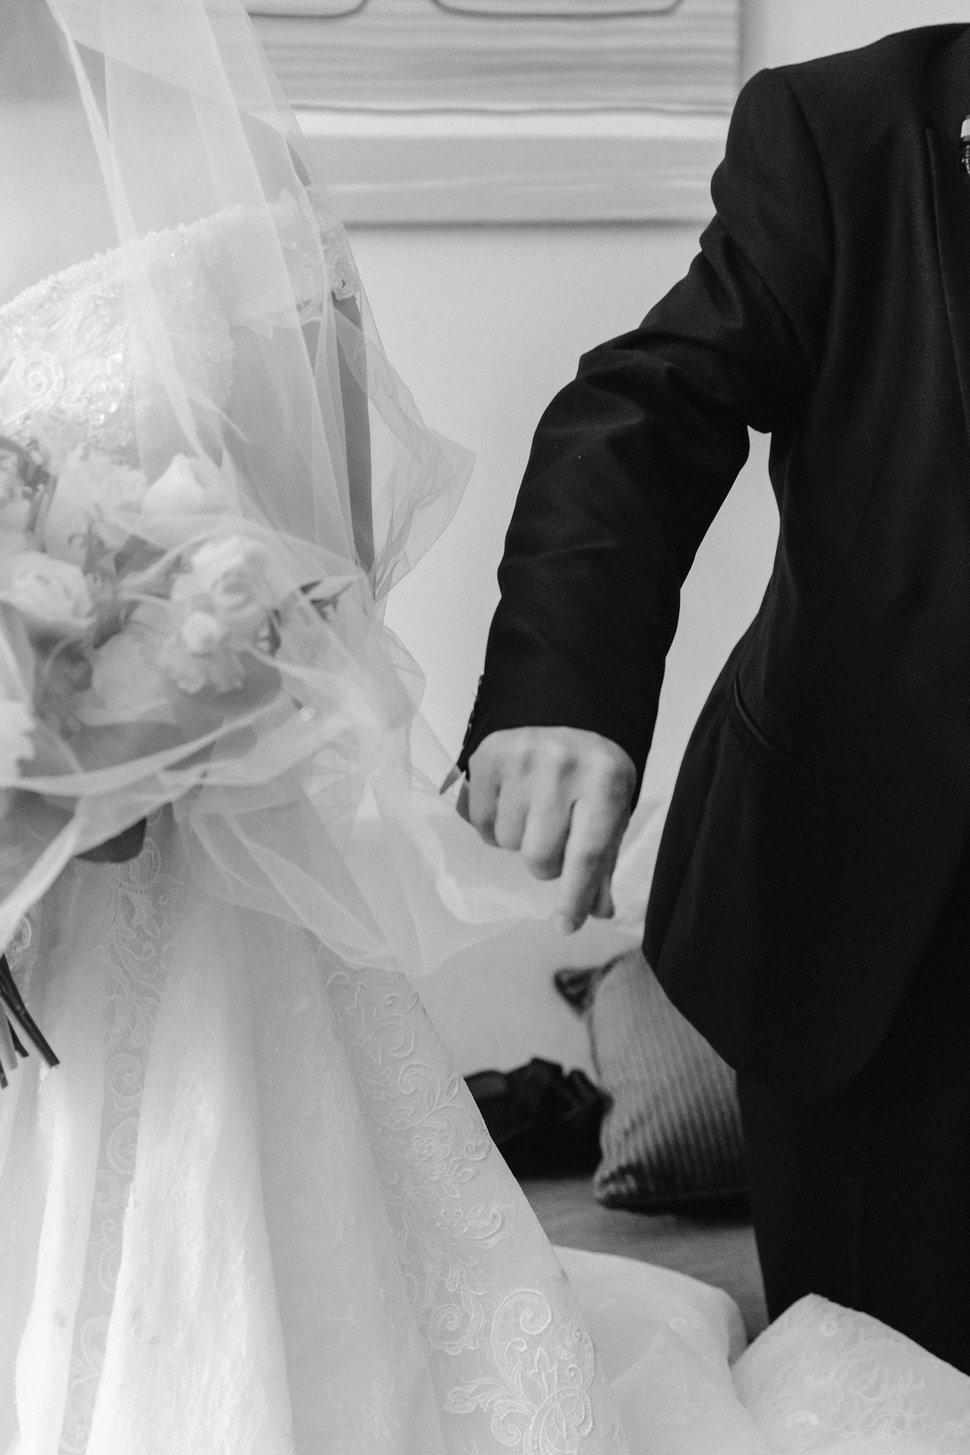 故宮晶華酒店婚禮 -美式婚禮-美式婚禮紀錄- 戶外證婚-Amazing Grace 攝影美學 -台北婚禮紀錄 -台中婚禮紀錄- Amazing Grace Studio40 - Amazing Grace Studio《結婚吧》